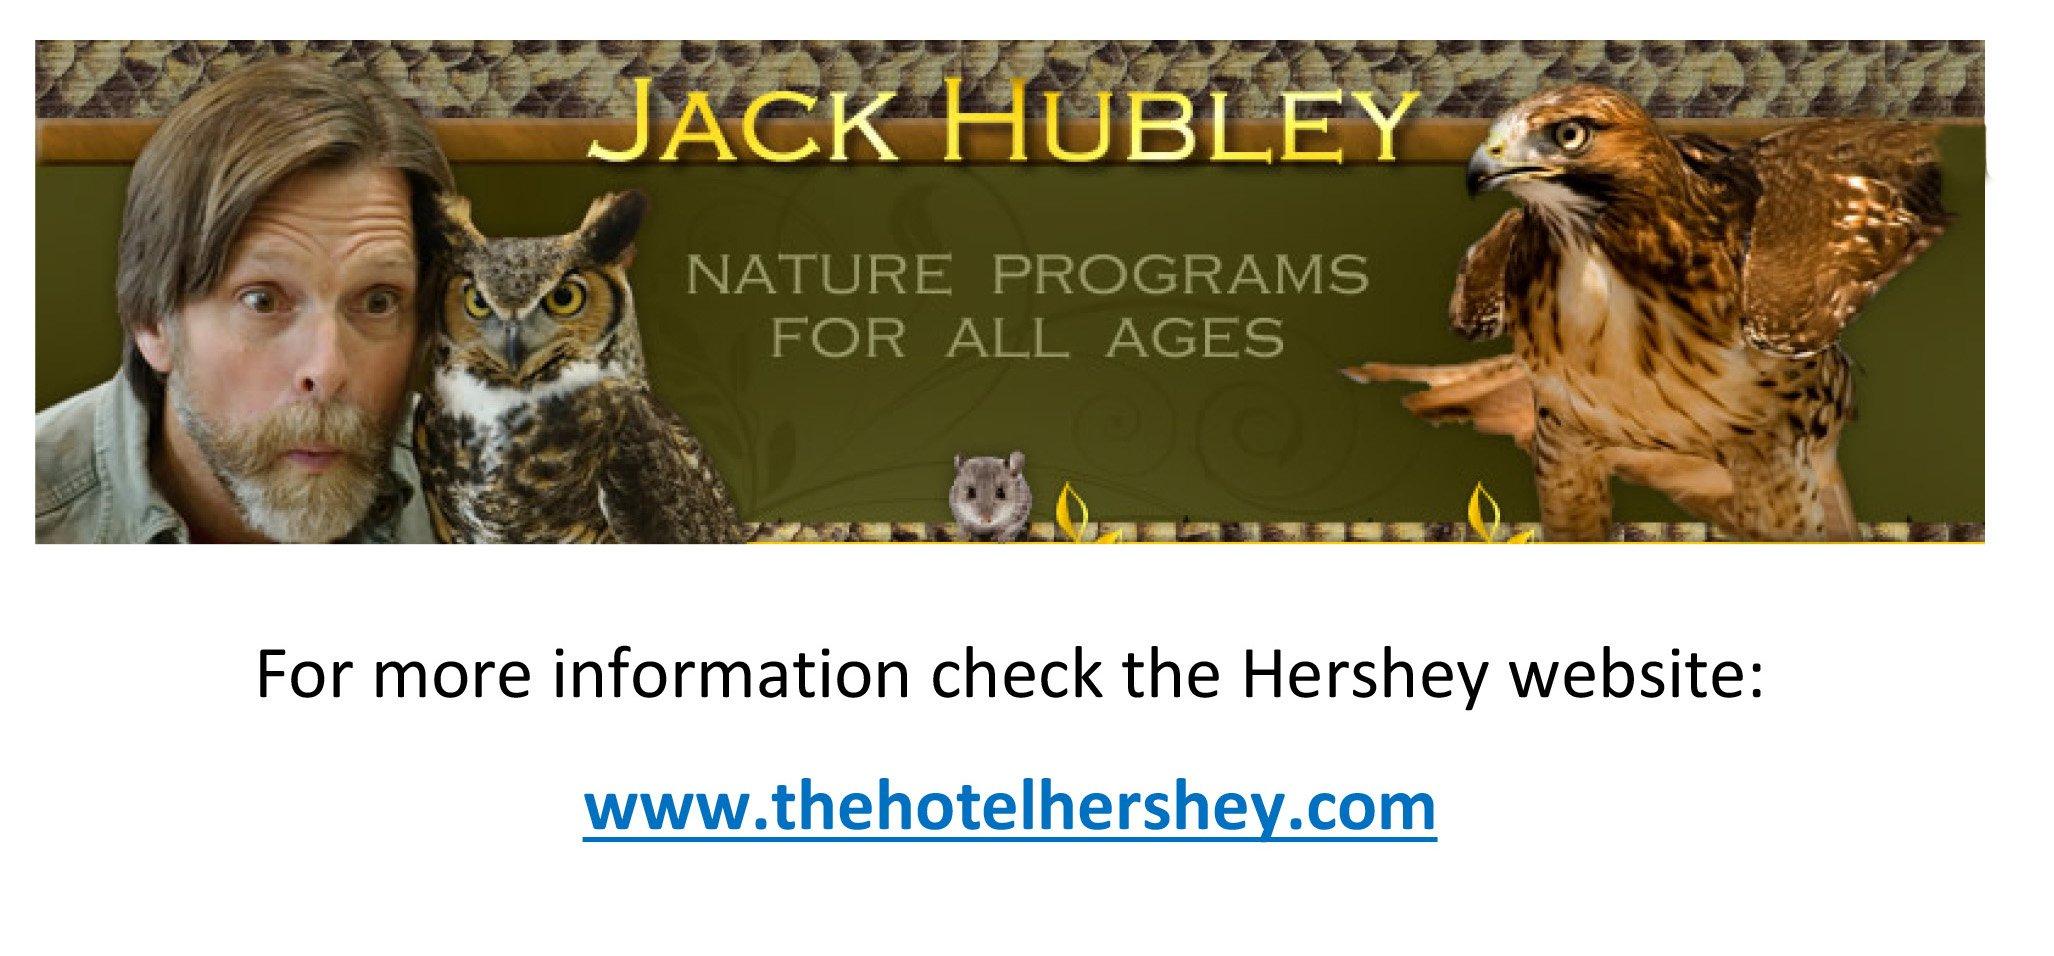 Jack Hubley Page 1a